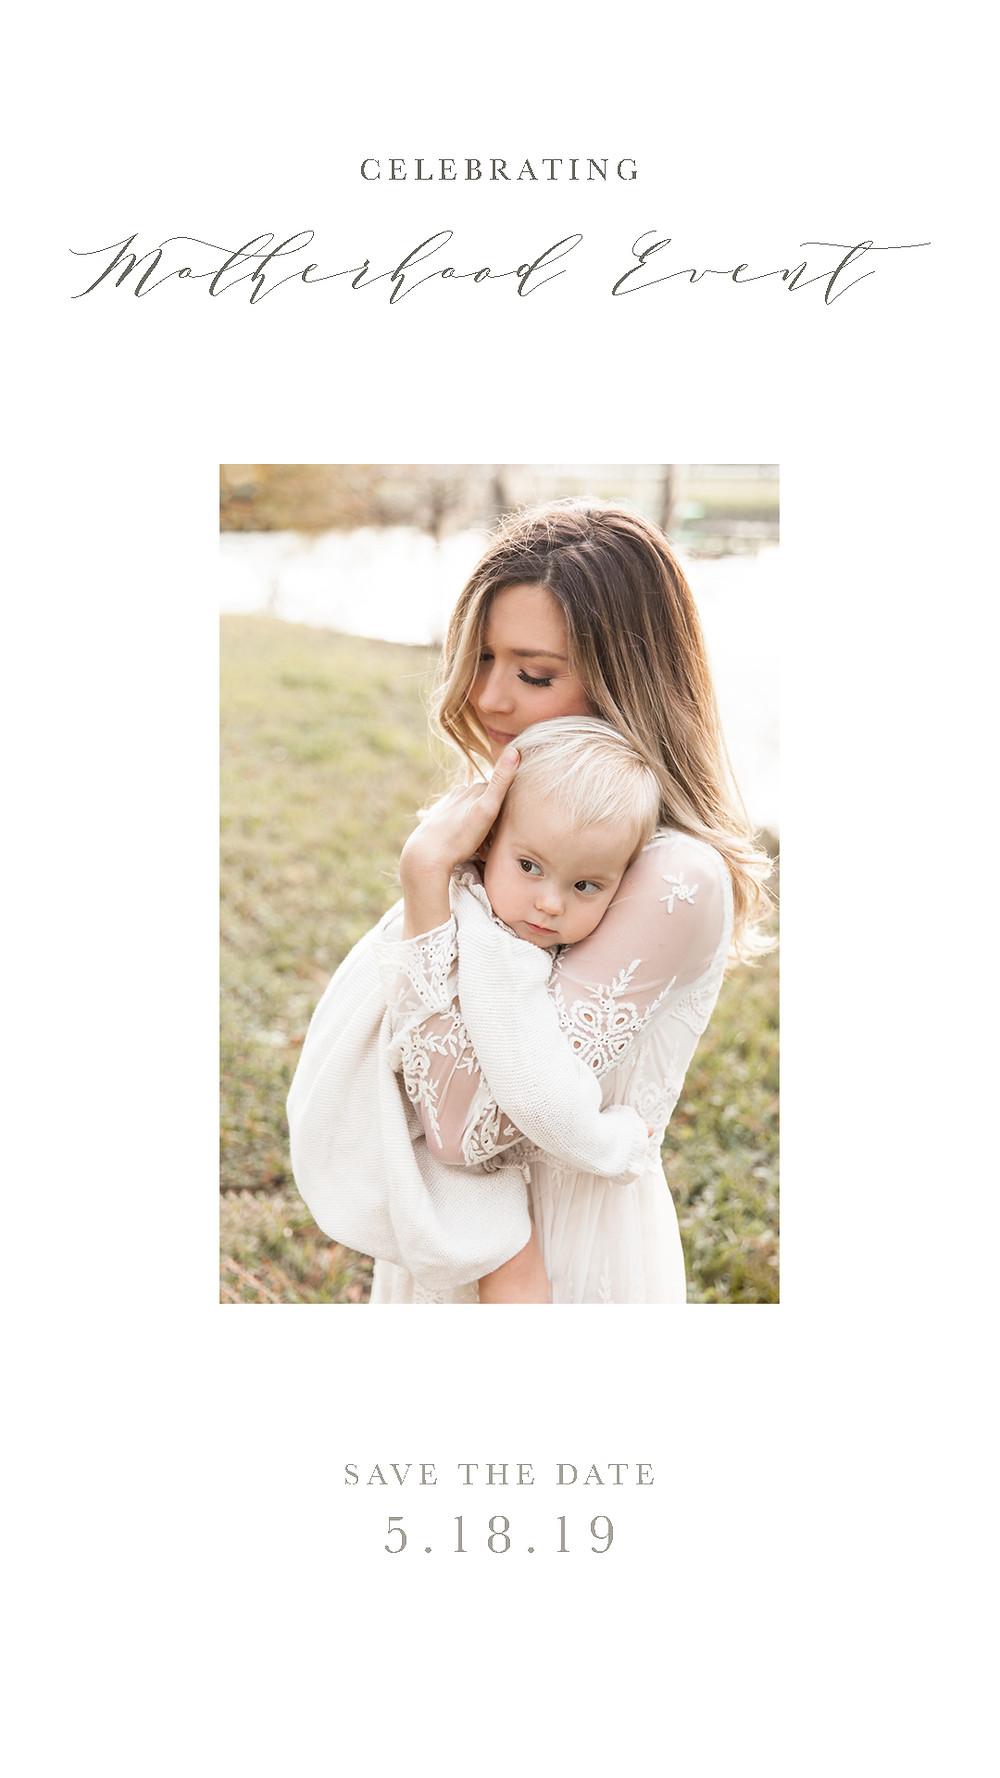 Sarasota Family Photographer | Sarasota Newborn Photographer | Motherhood Event